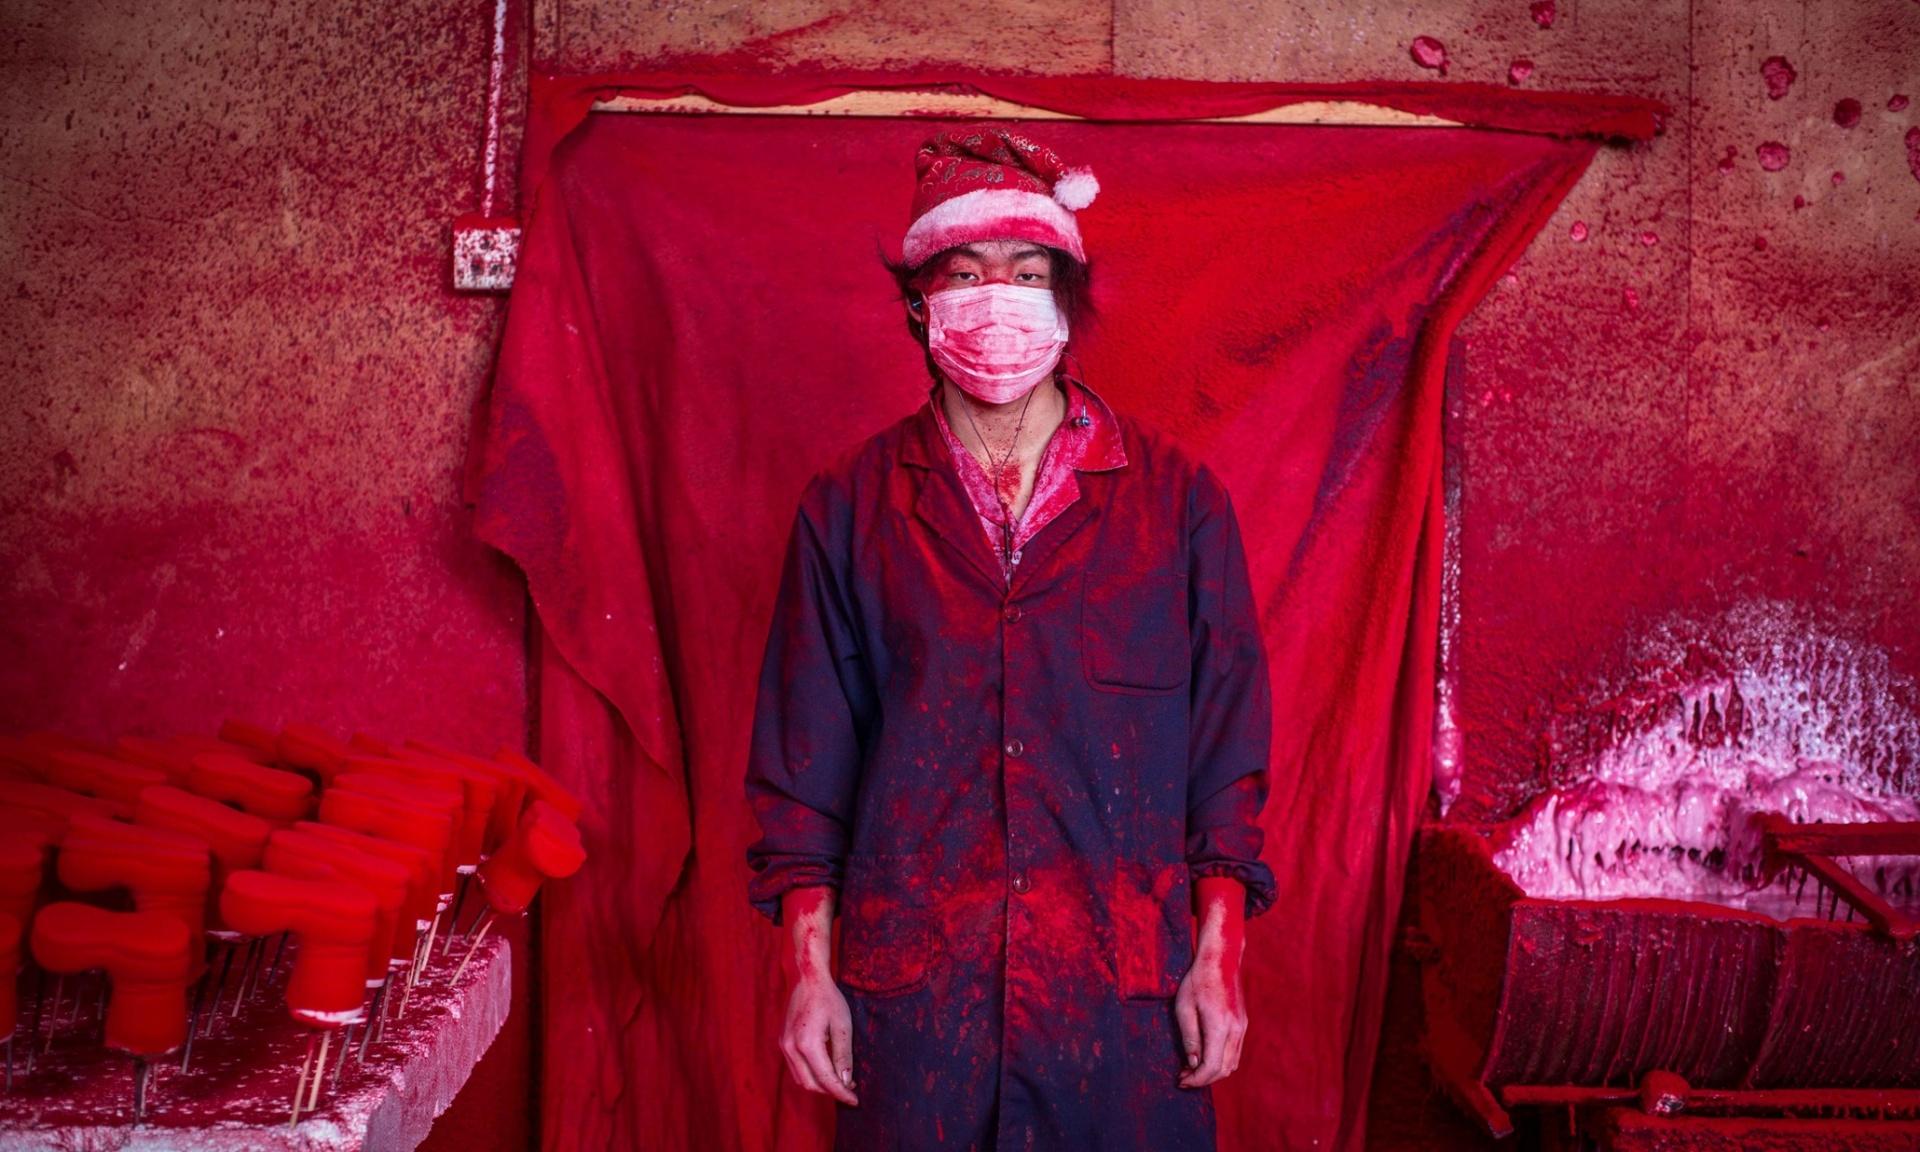 Το χωριό του Αϊ-Βασίλη βρίσκεται στην Κίνα